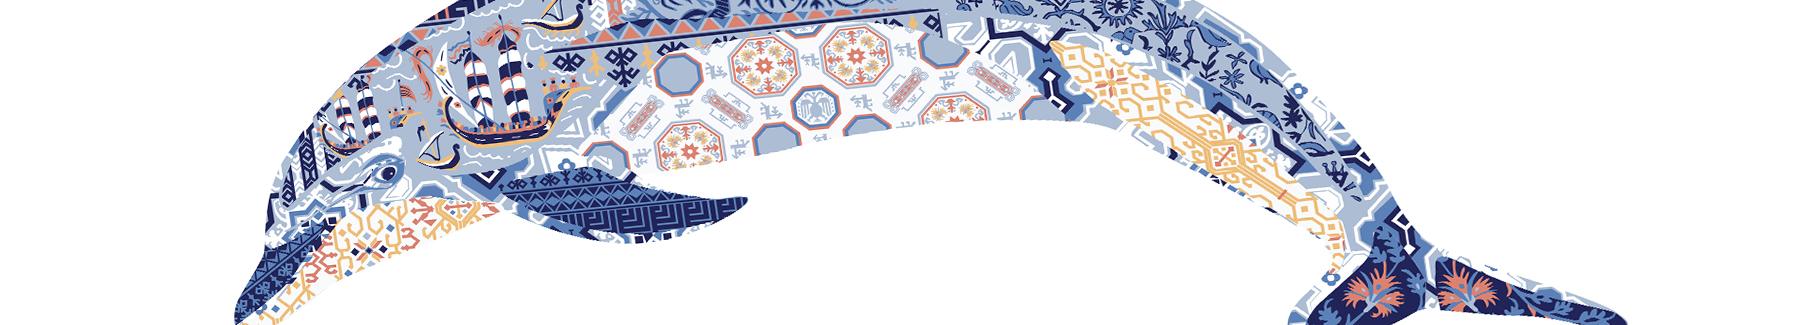 Naklejka delfin z ornamentowym wzorem